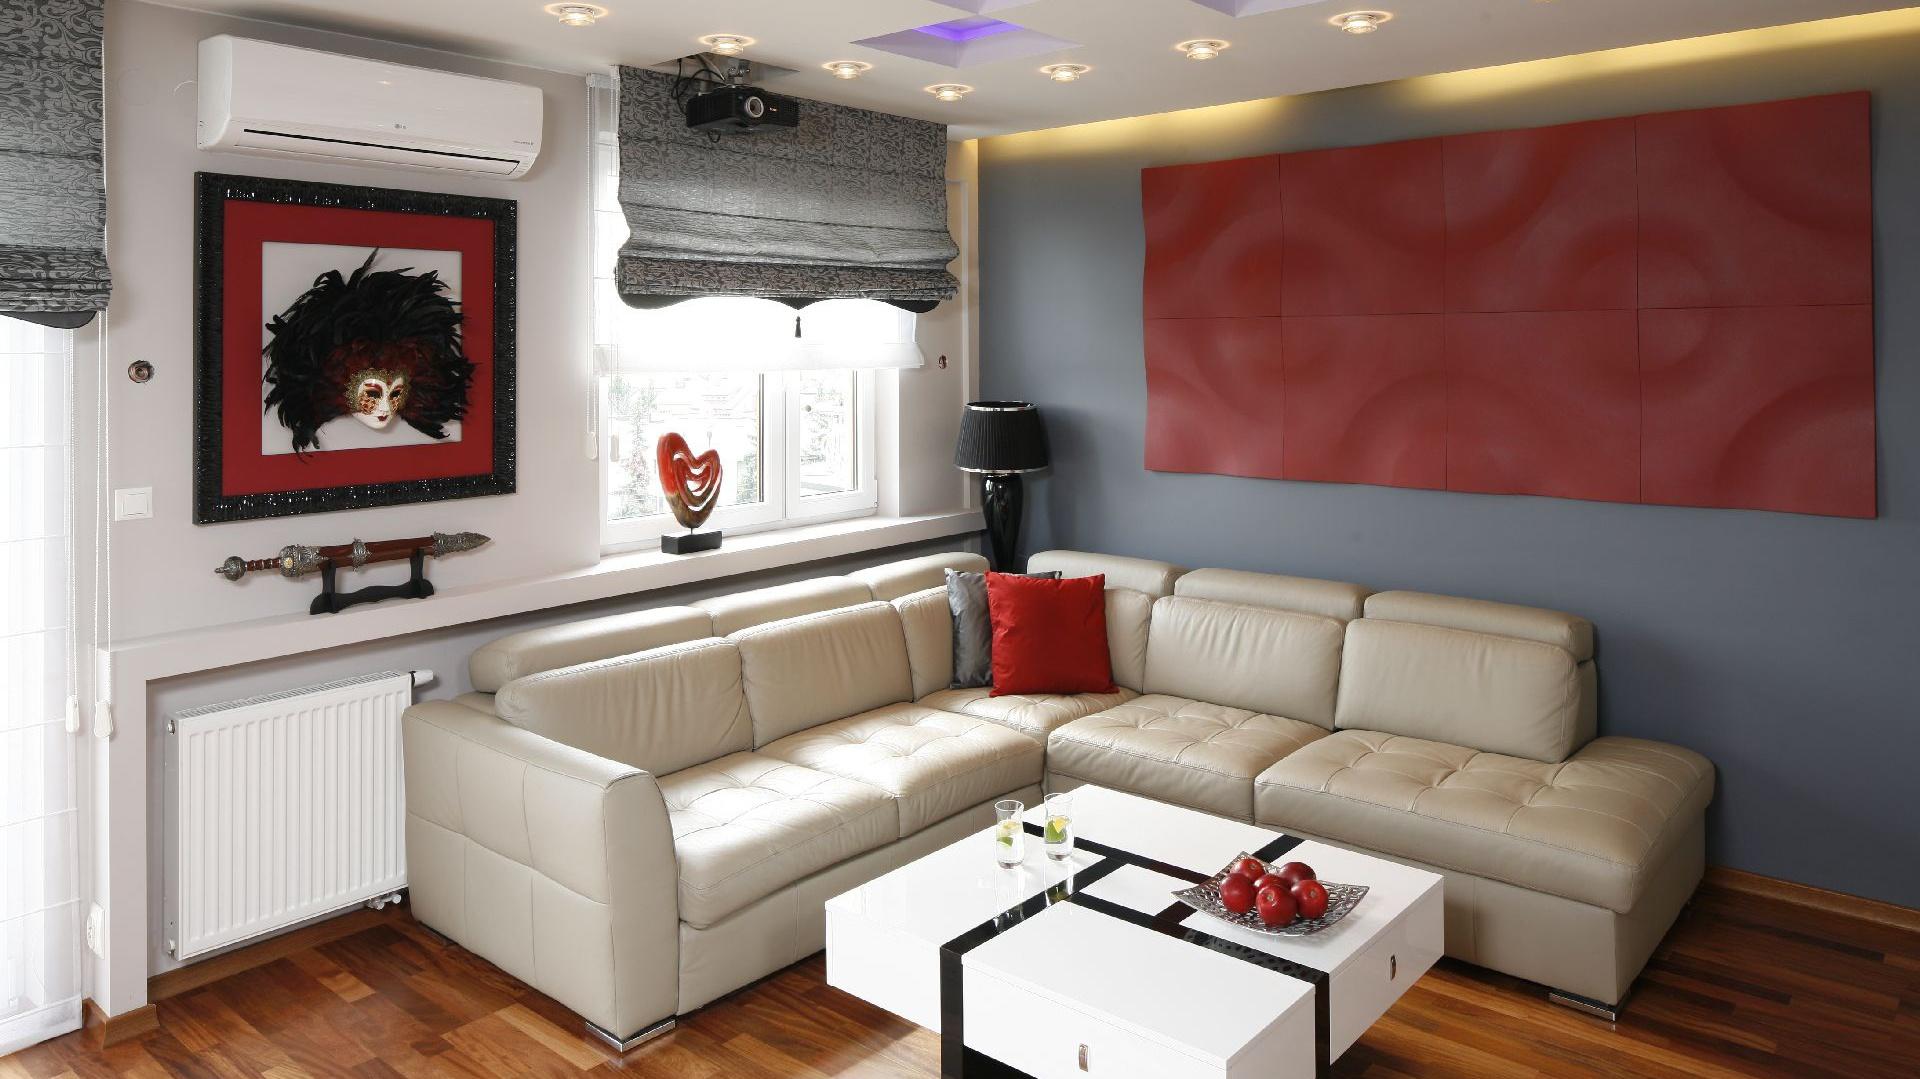 Oświetlenie w salonie spełnia dwie funkcje. Jedna z nich to funkcja użytkowa, drugą, relaksacyjną, pełnią ukryte źródła światła w postaci taśm LED. Fot. Bartosz Jarosz.